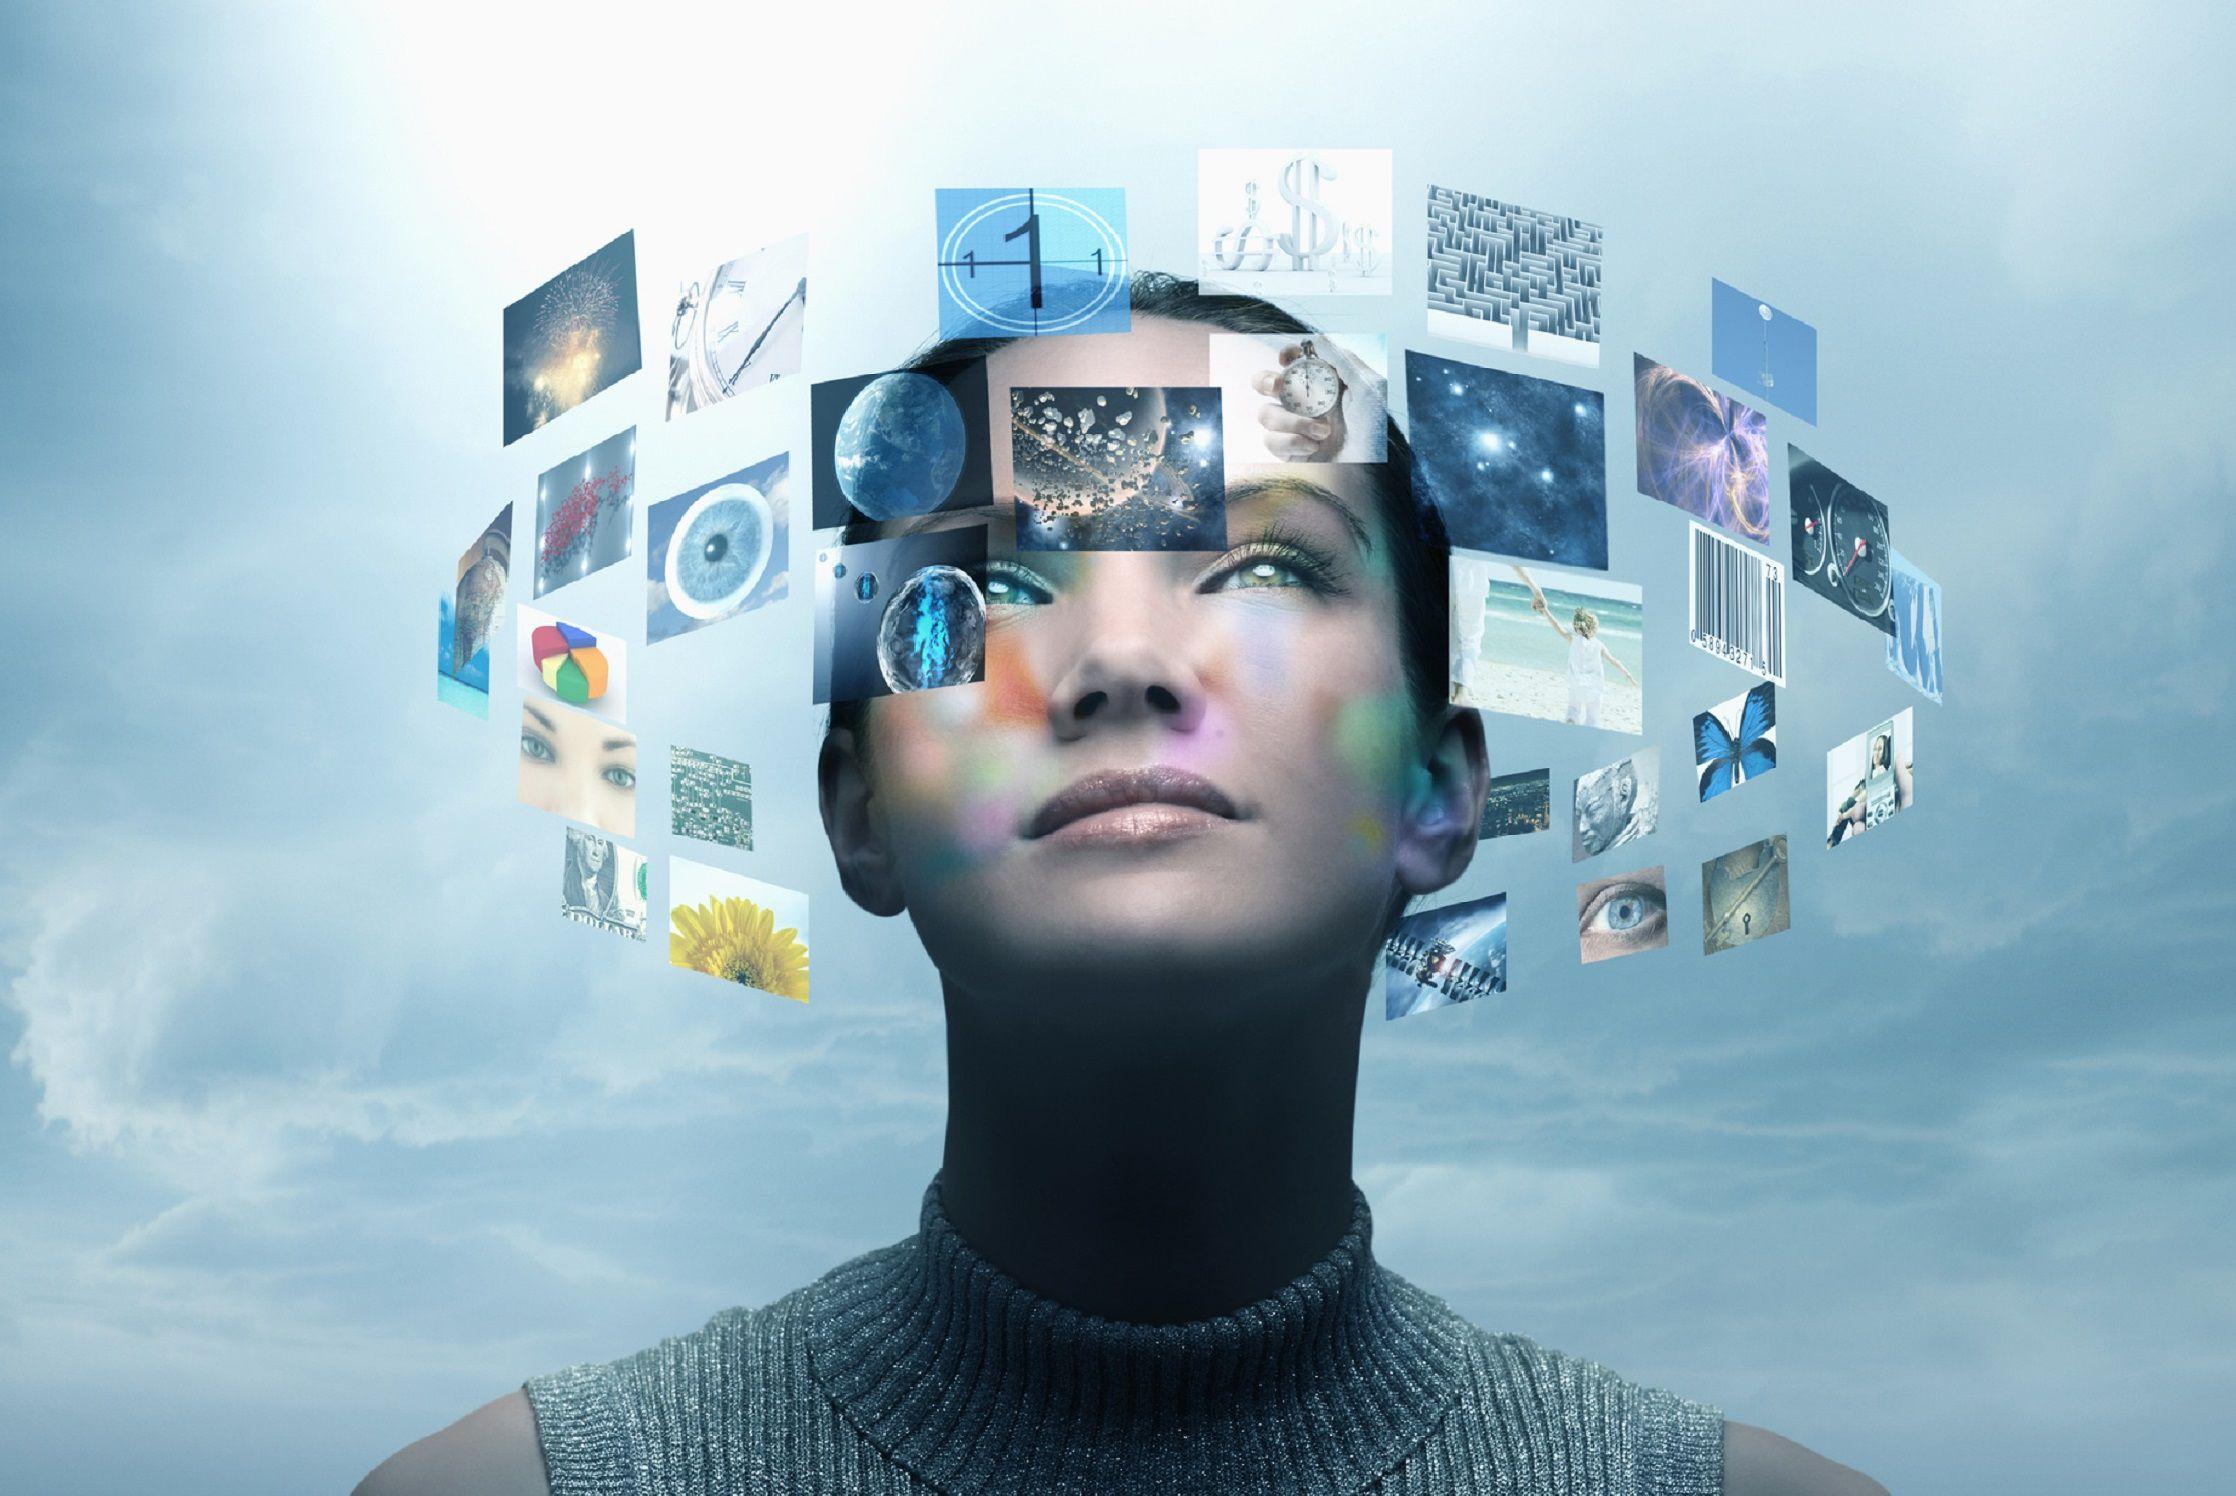 Come la Realtà Virtuale rivoluzionerà la User Experience